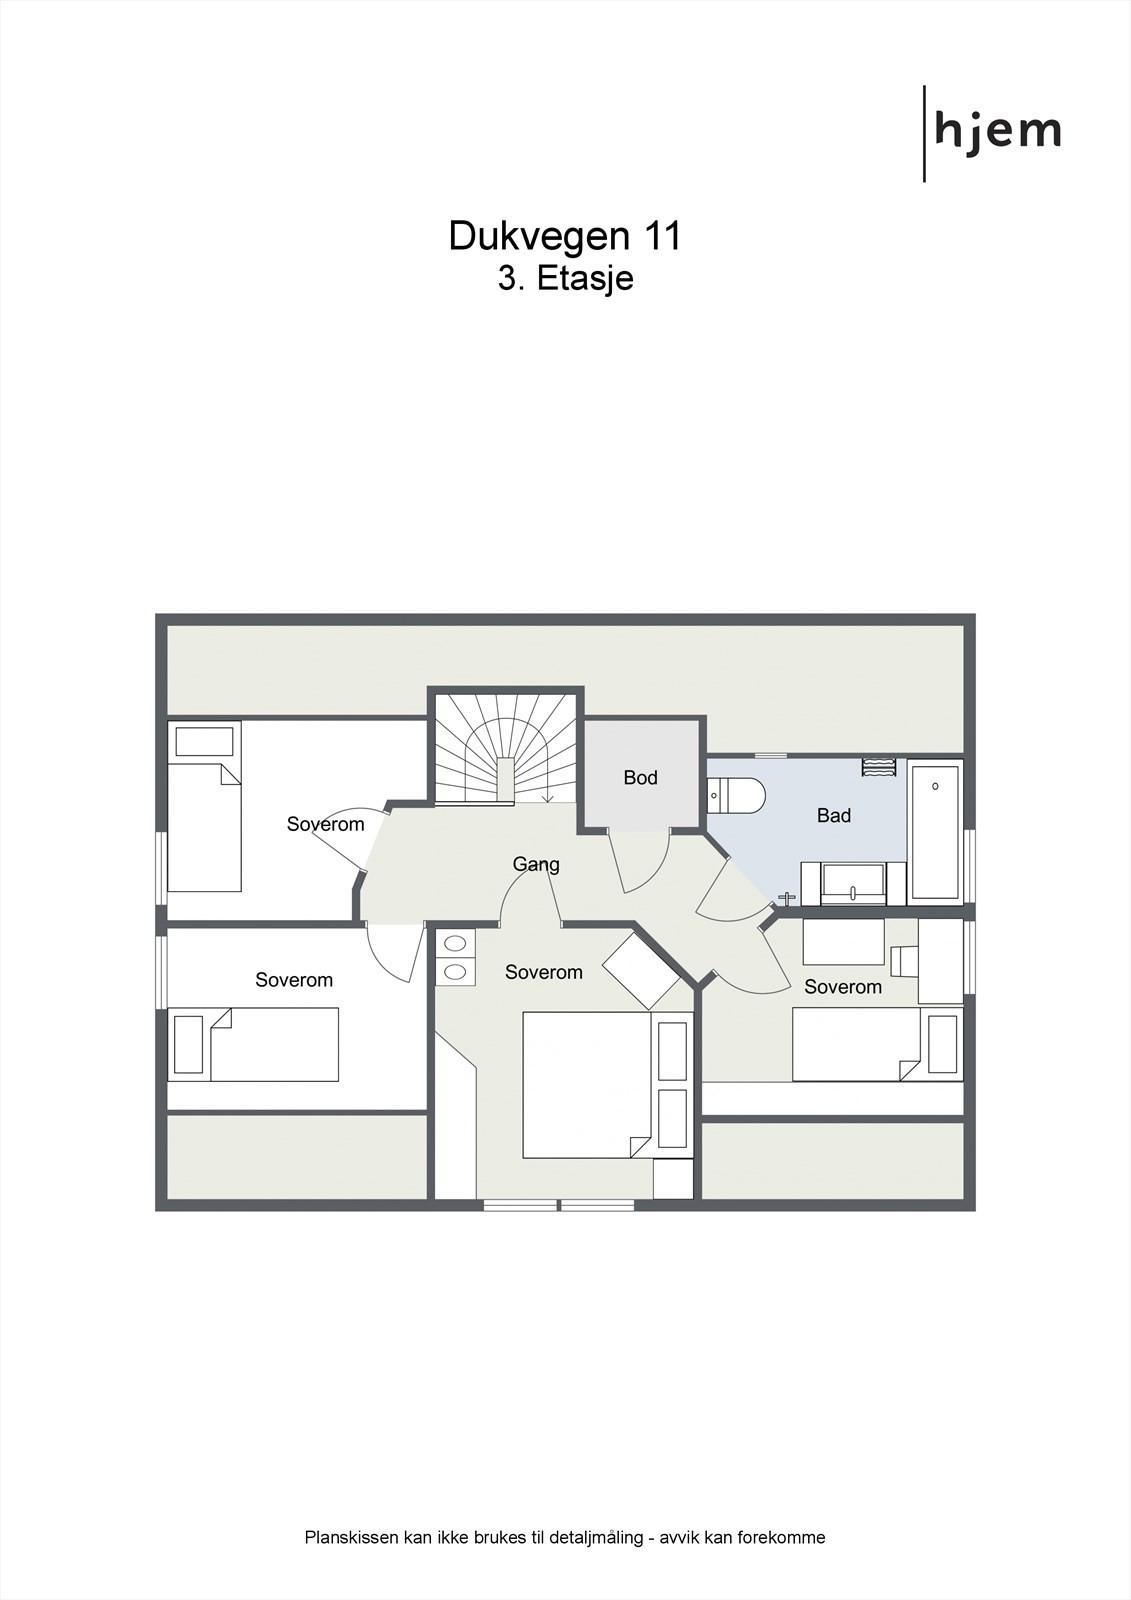 Plantegning 2d, 3. etasje